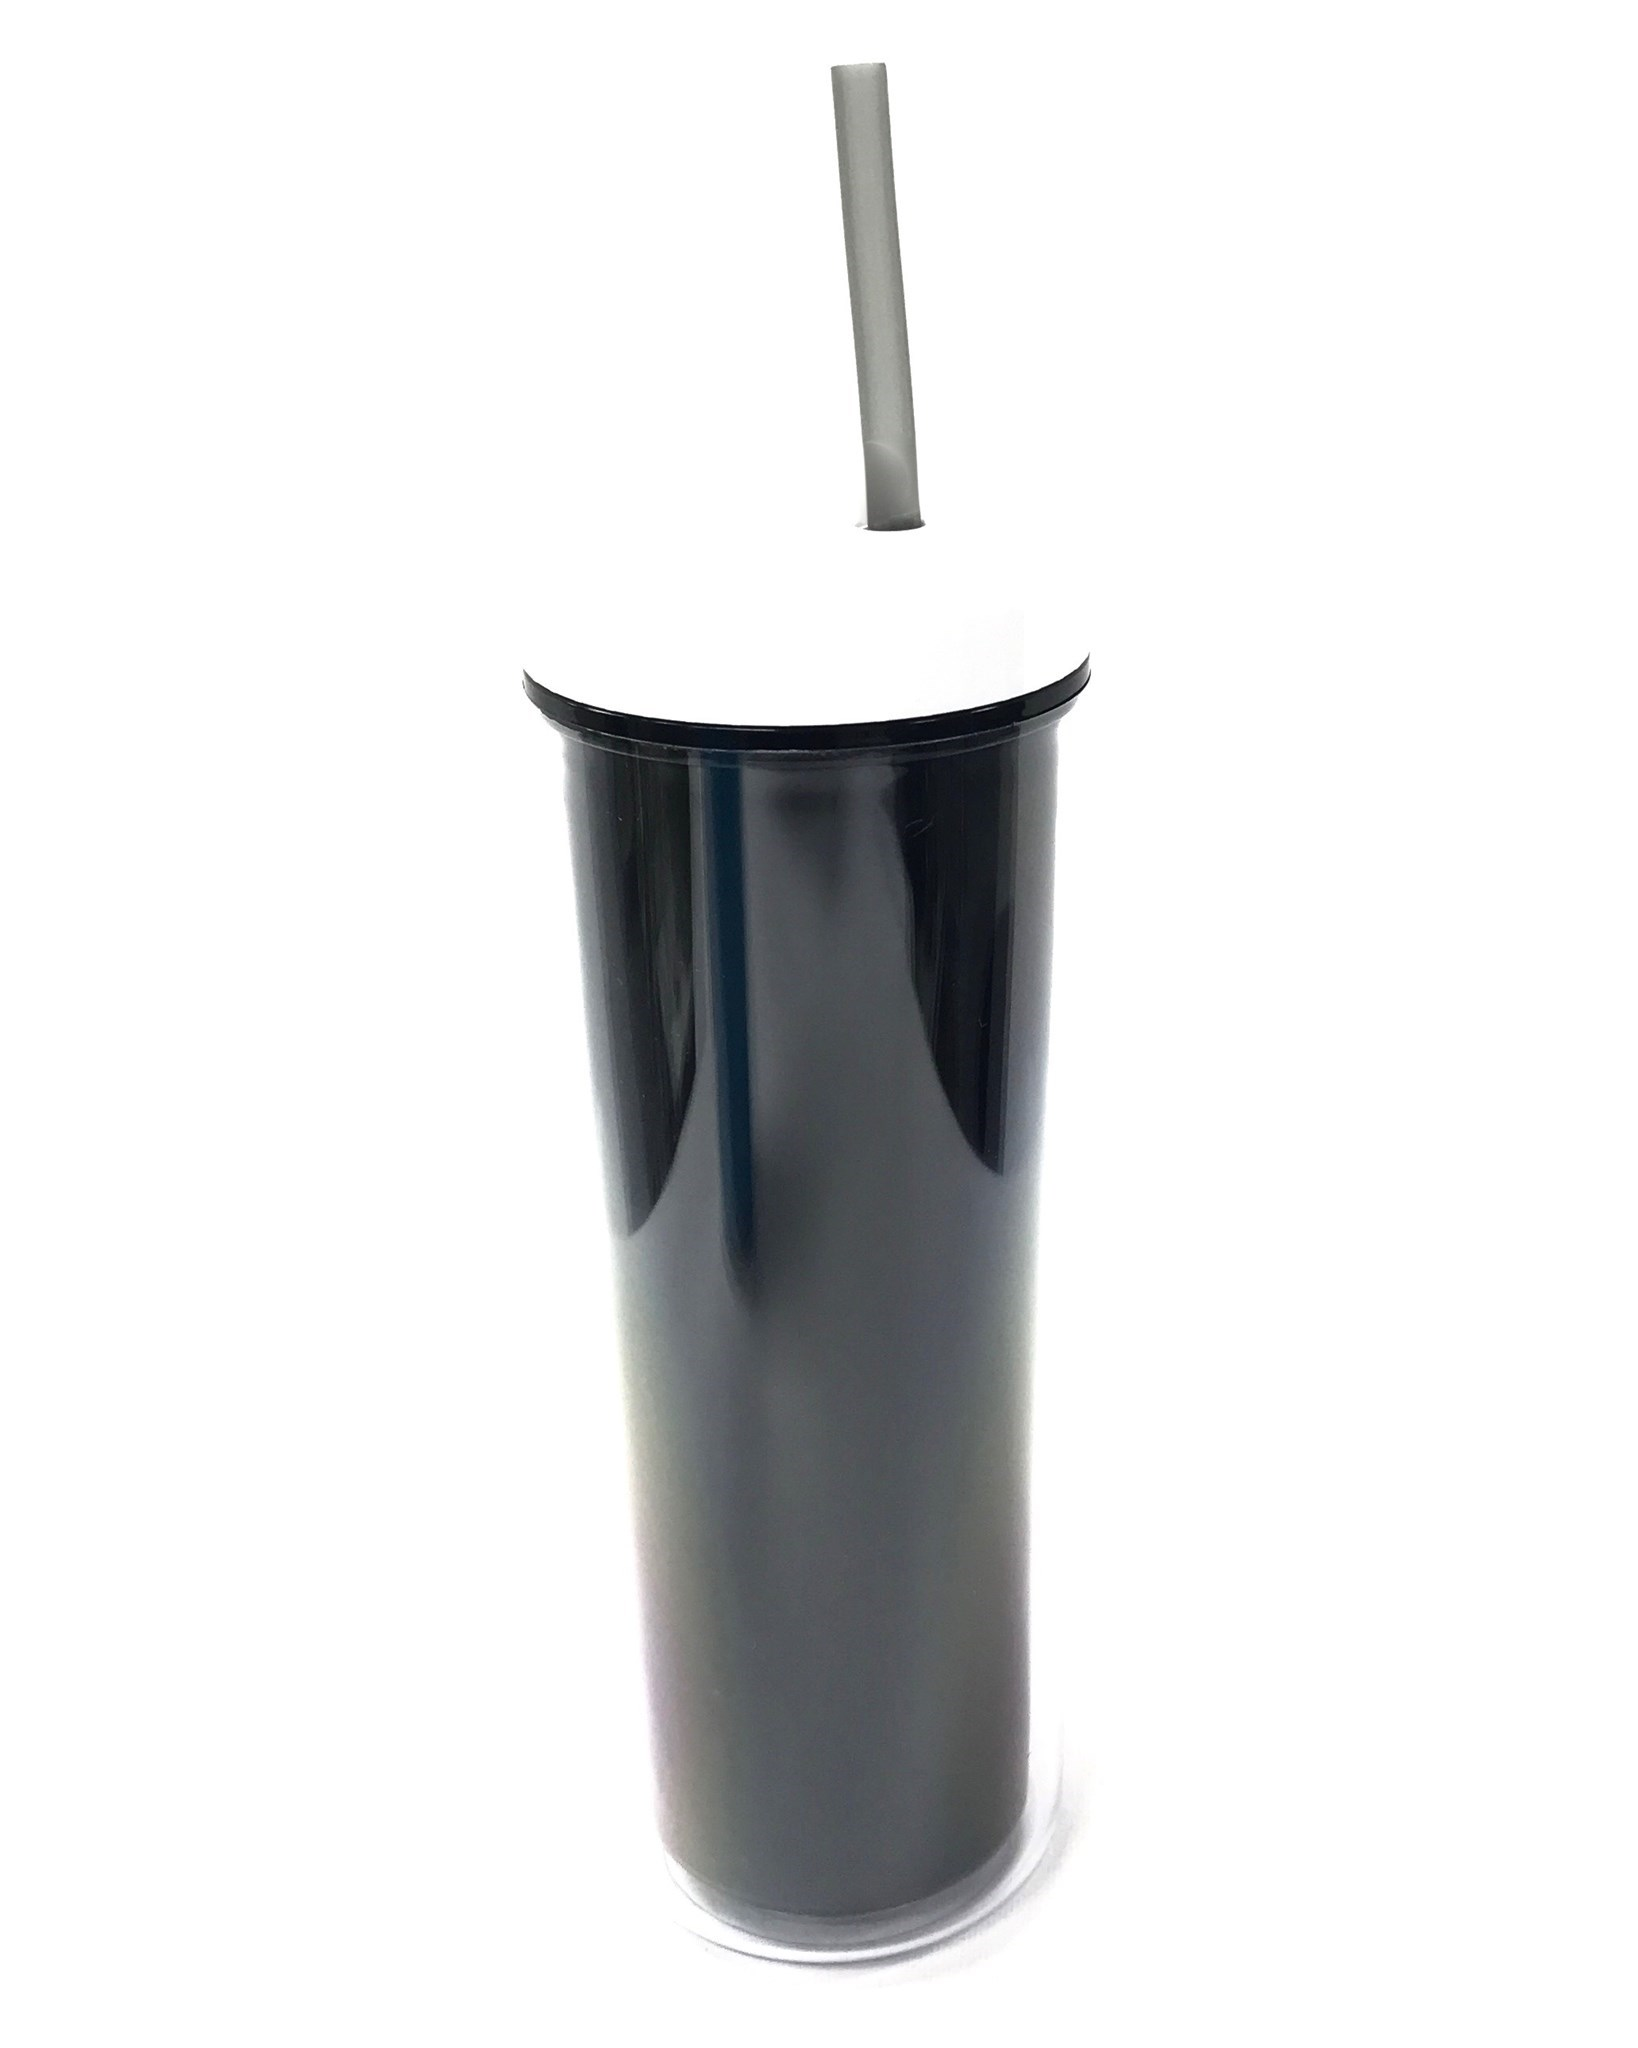 (0017503) Ava Slender Tumbler 17 Oz - Black/White